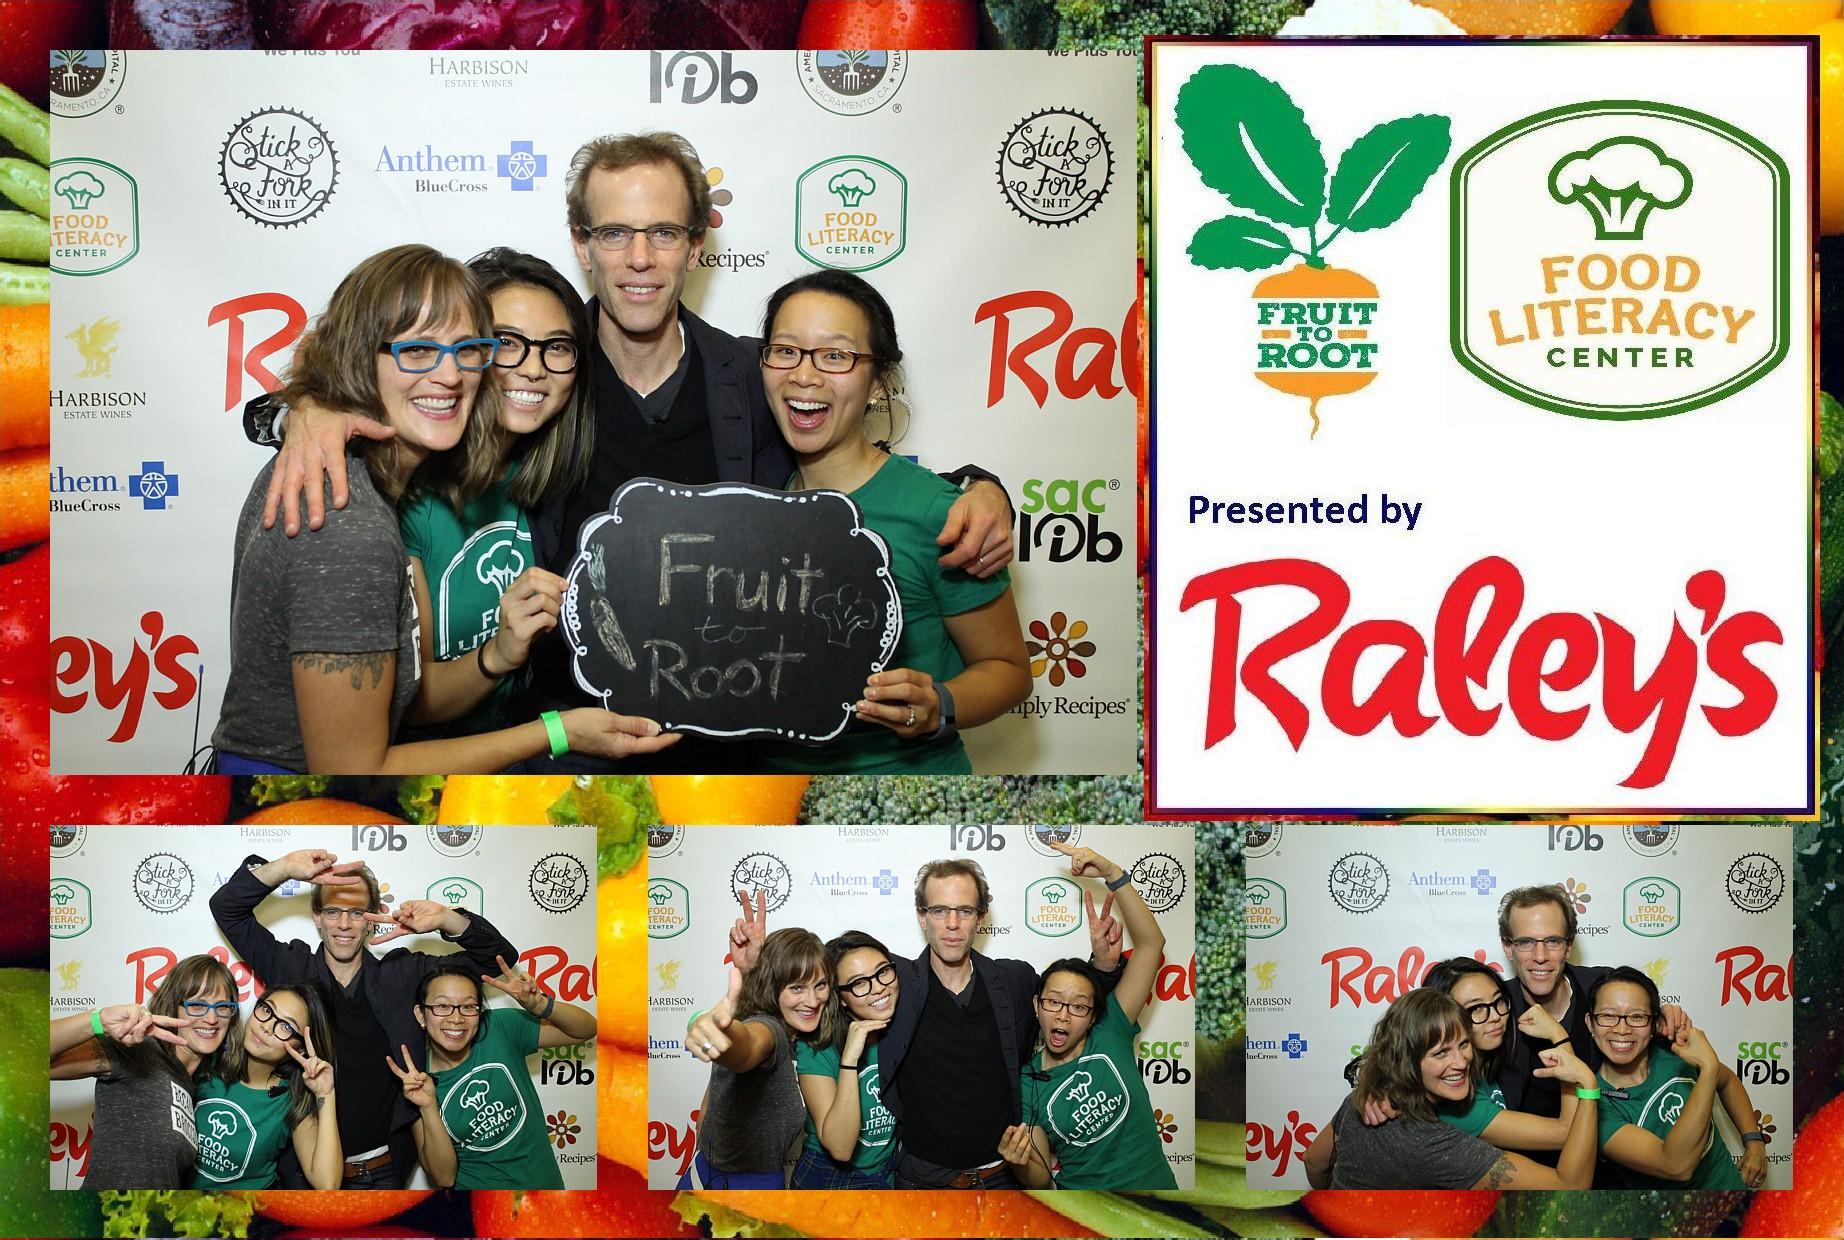 Fruit2Root featuring Dan Barber